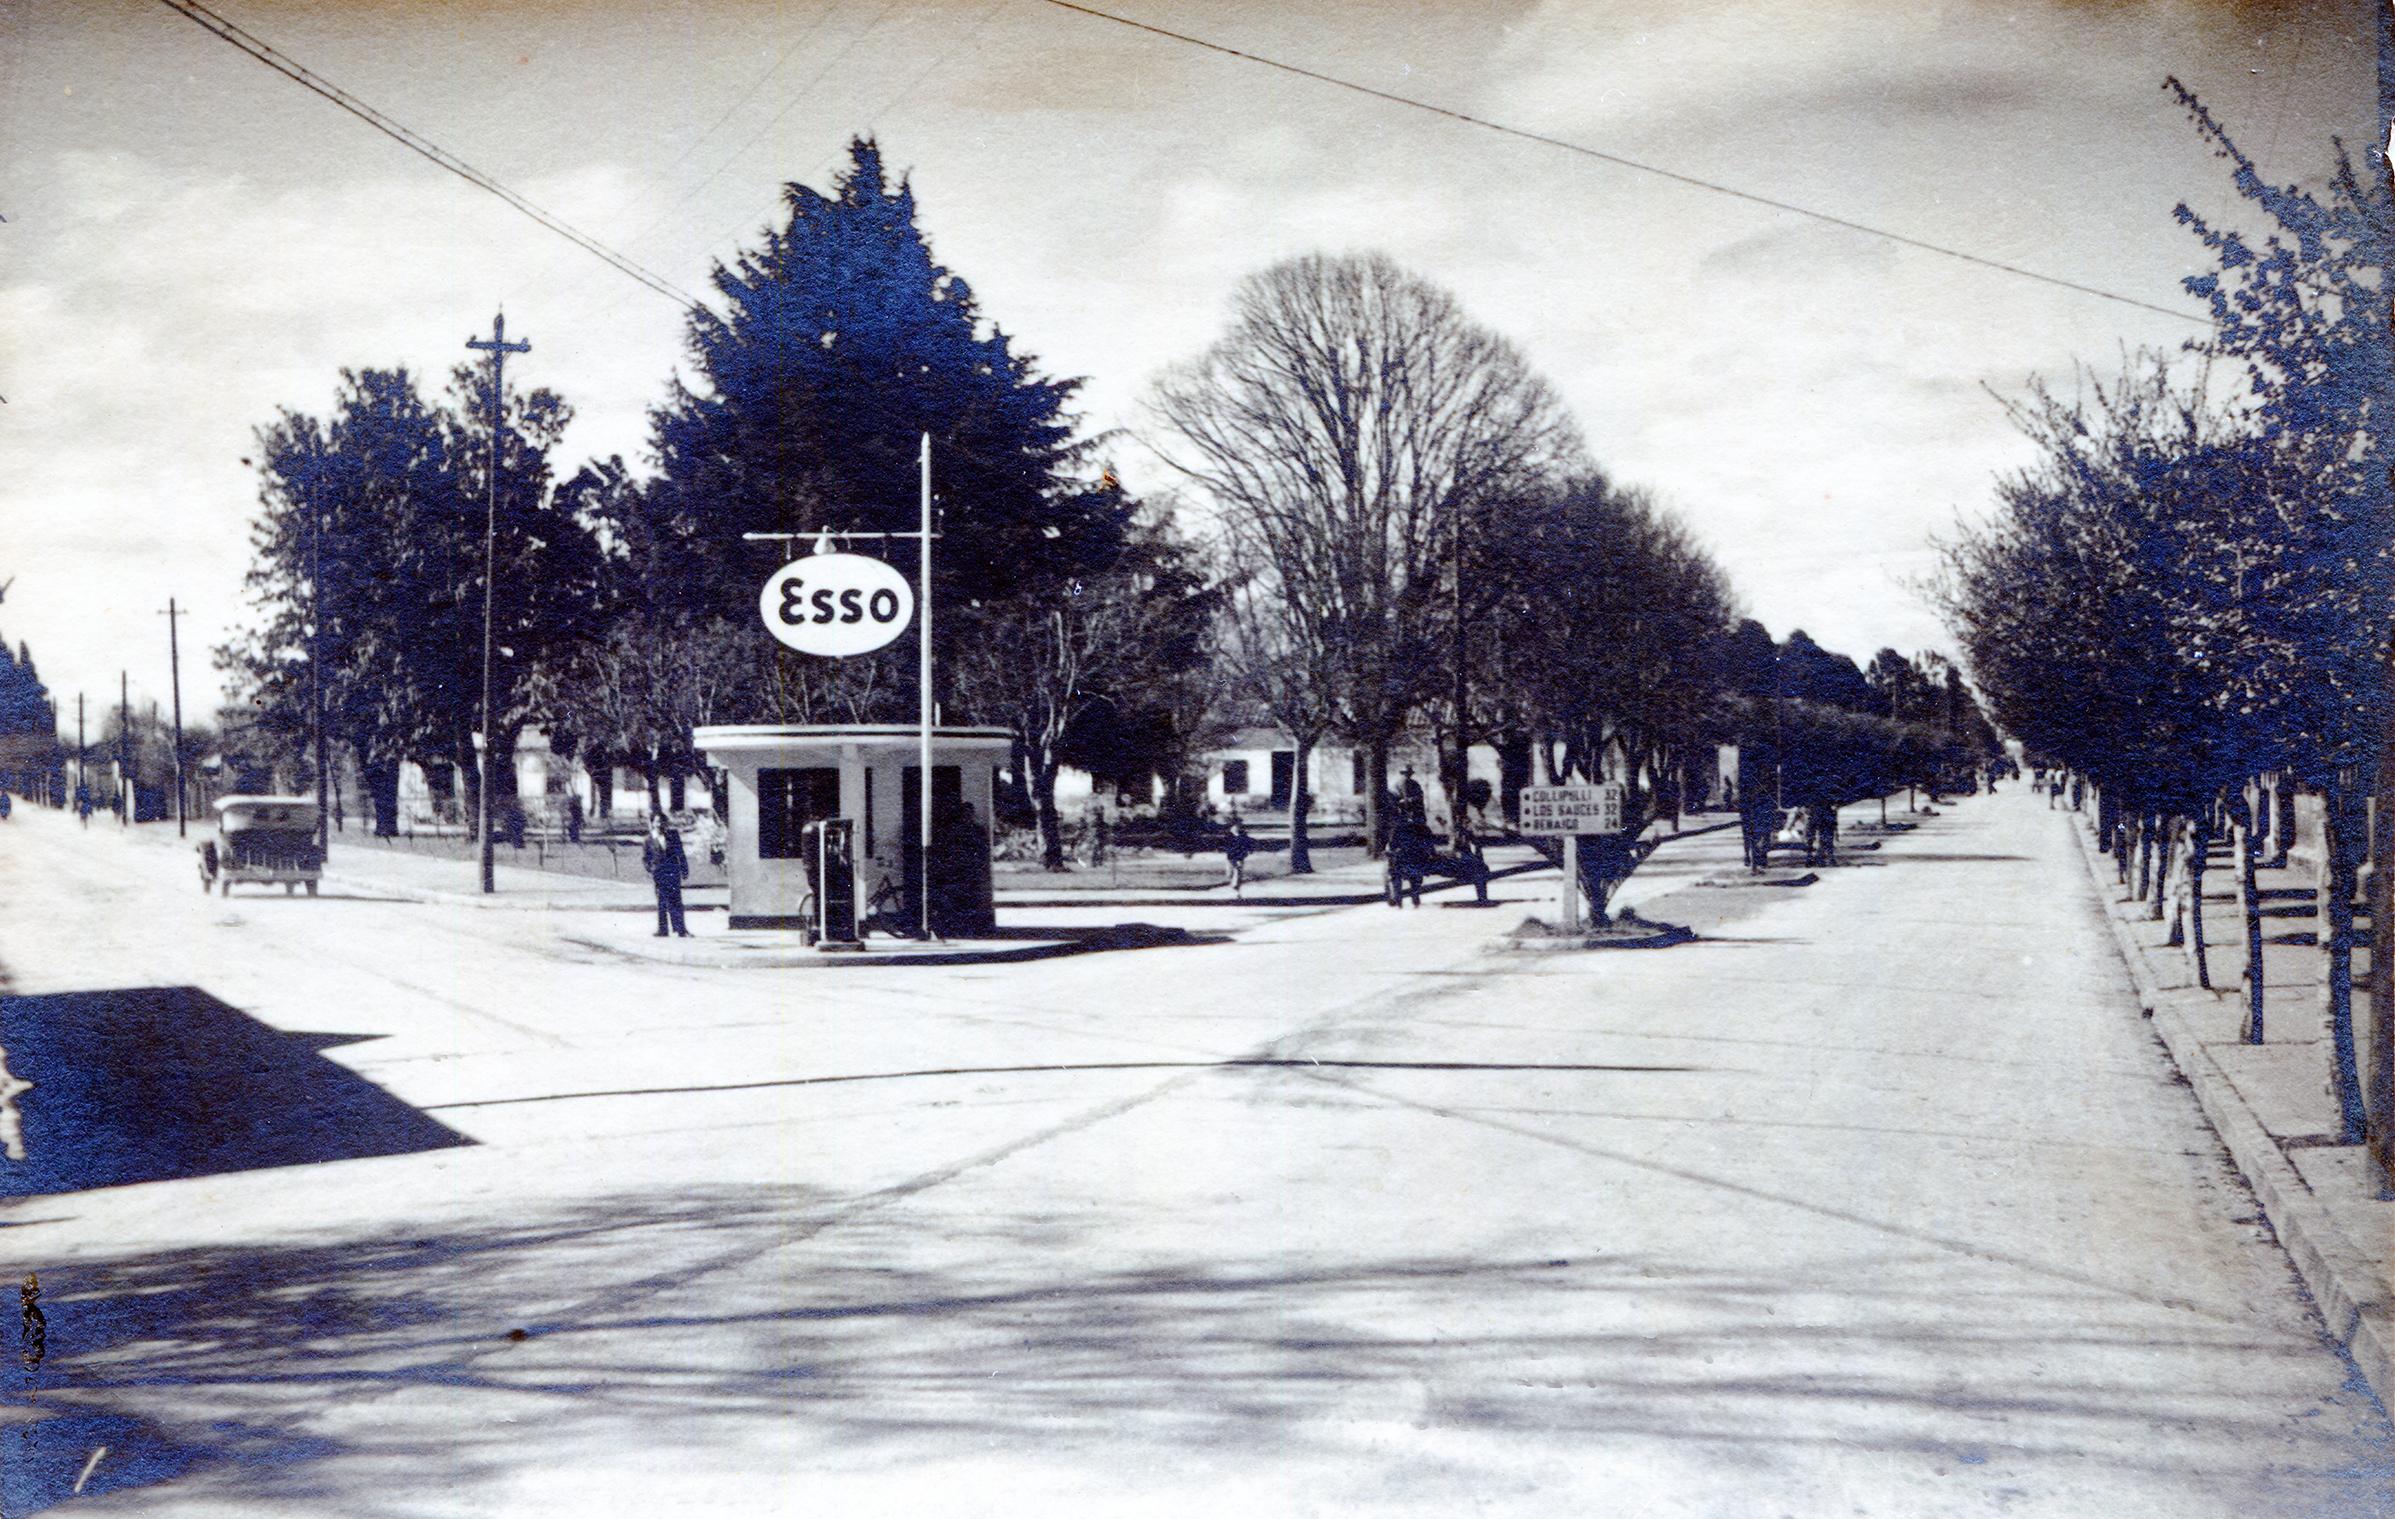 Enterreno - Fotos históricas de chile - fotos antiguas de Chile - Bomba de Bencina Esso en 1945